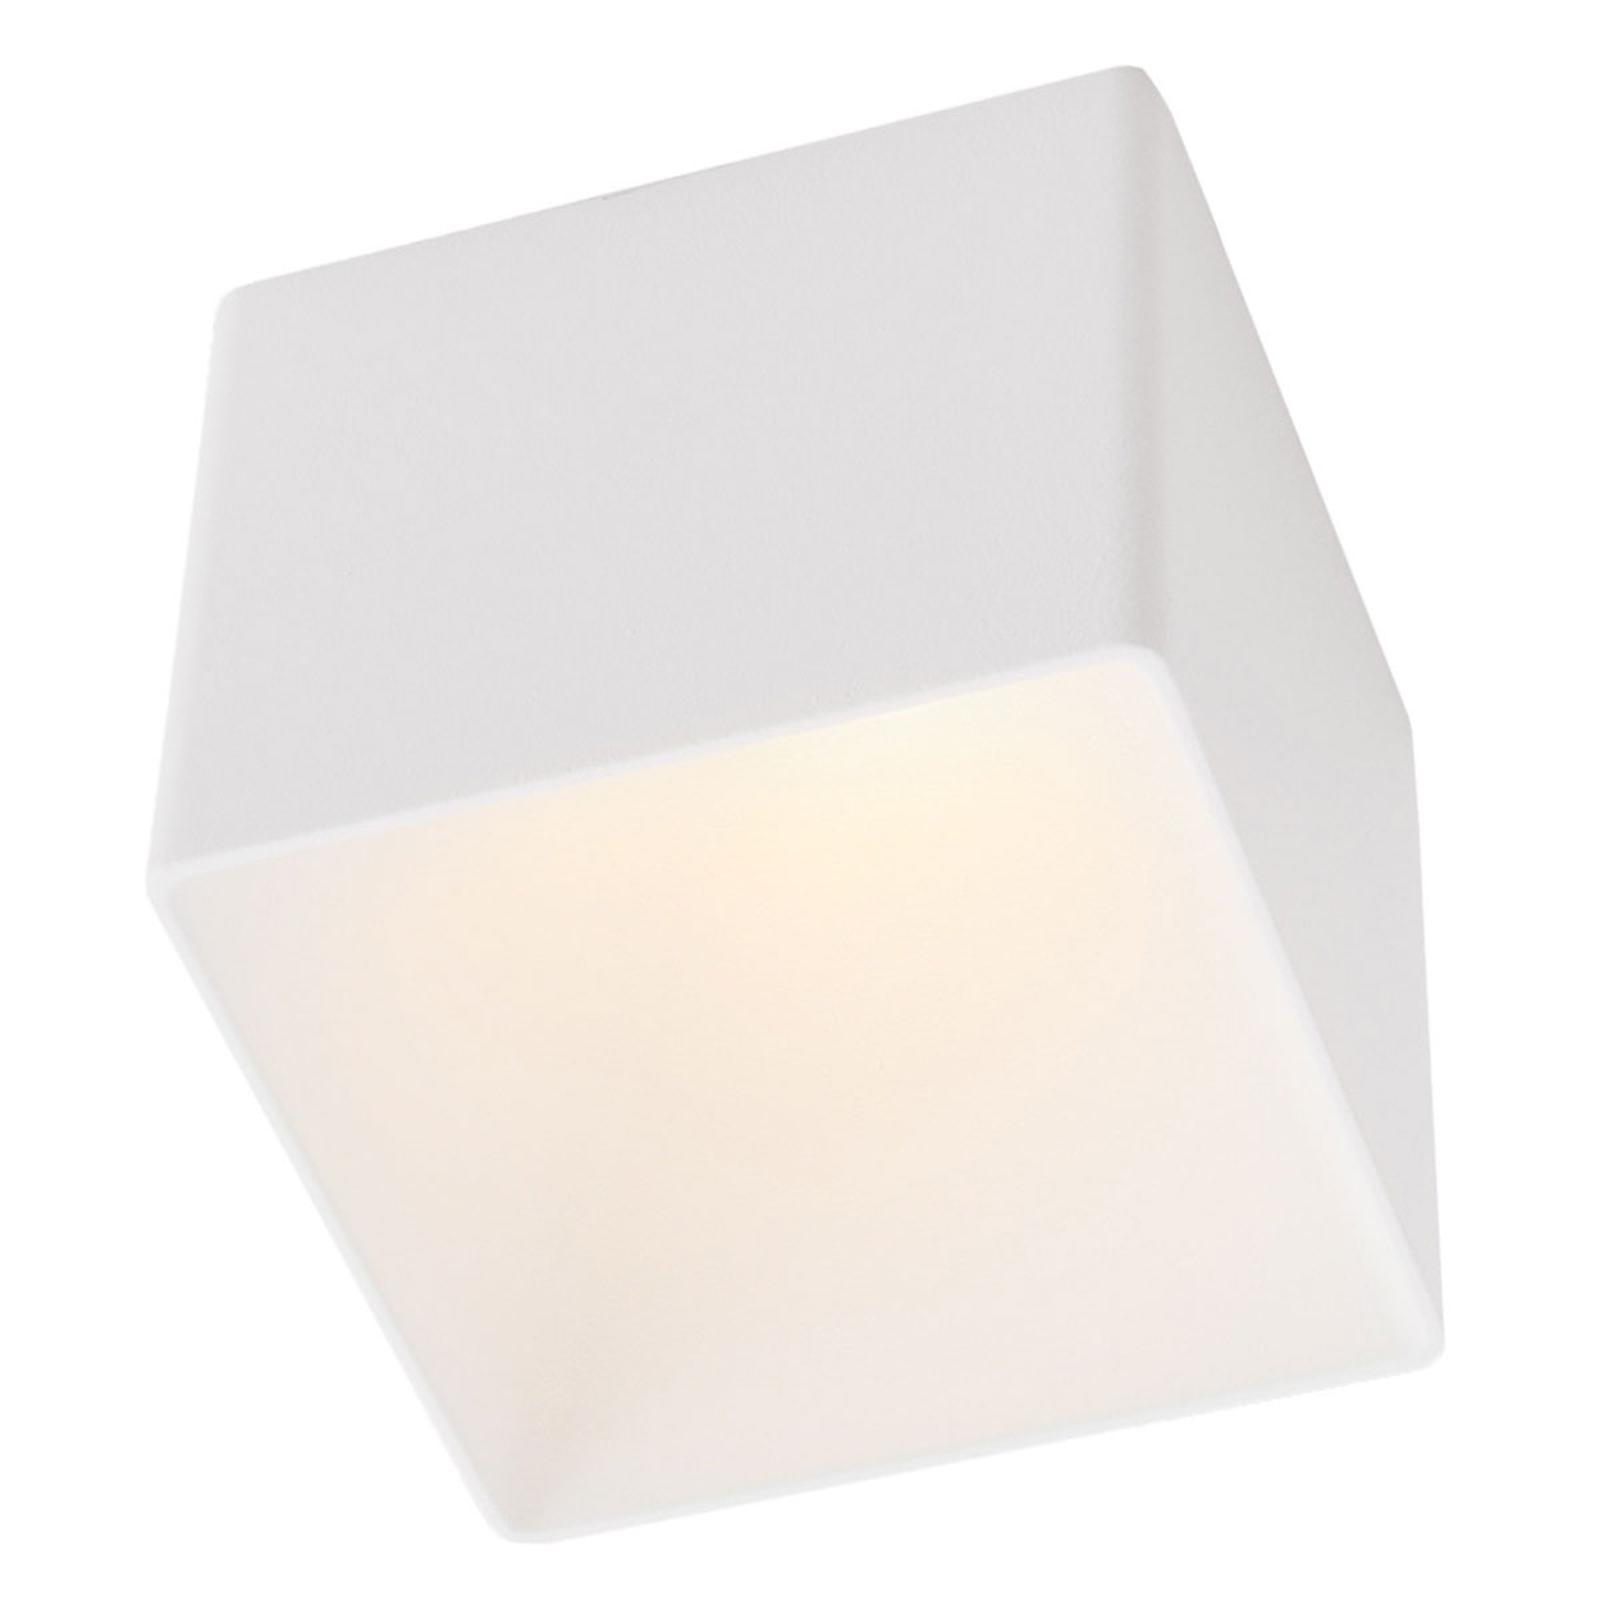 GF design Blocky Einbaulampe IP54 weiß 3.000 K